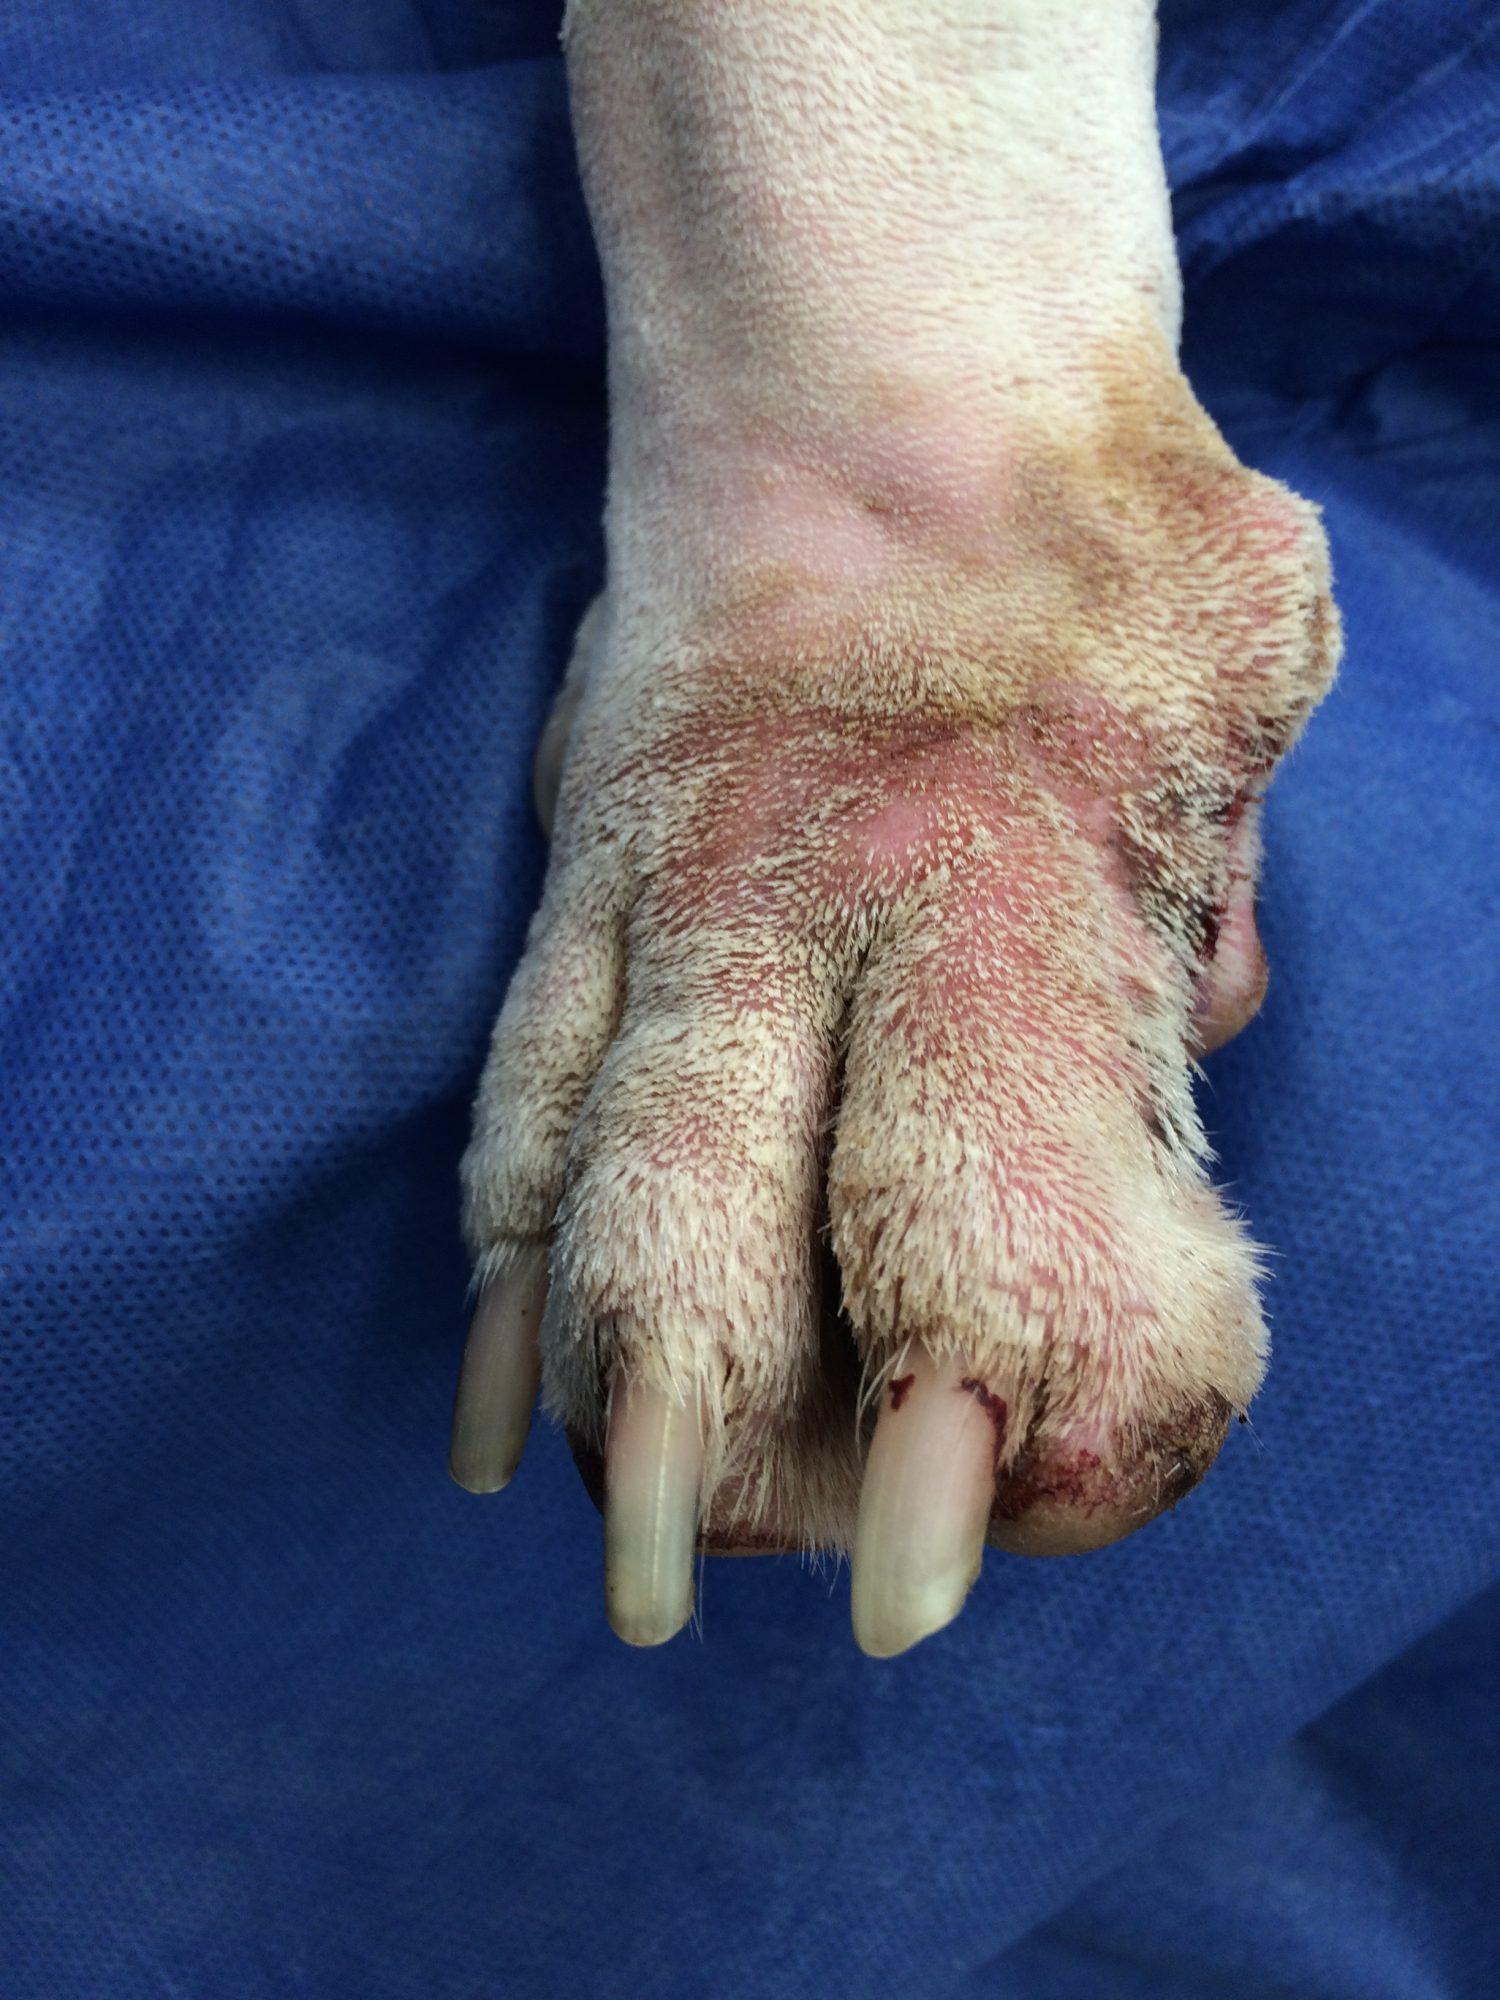 Bulldog Loses A Toe Dr Phil Zeltzman S Blog